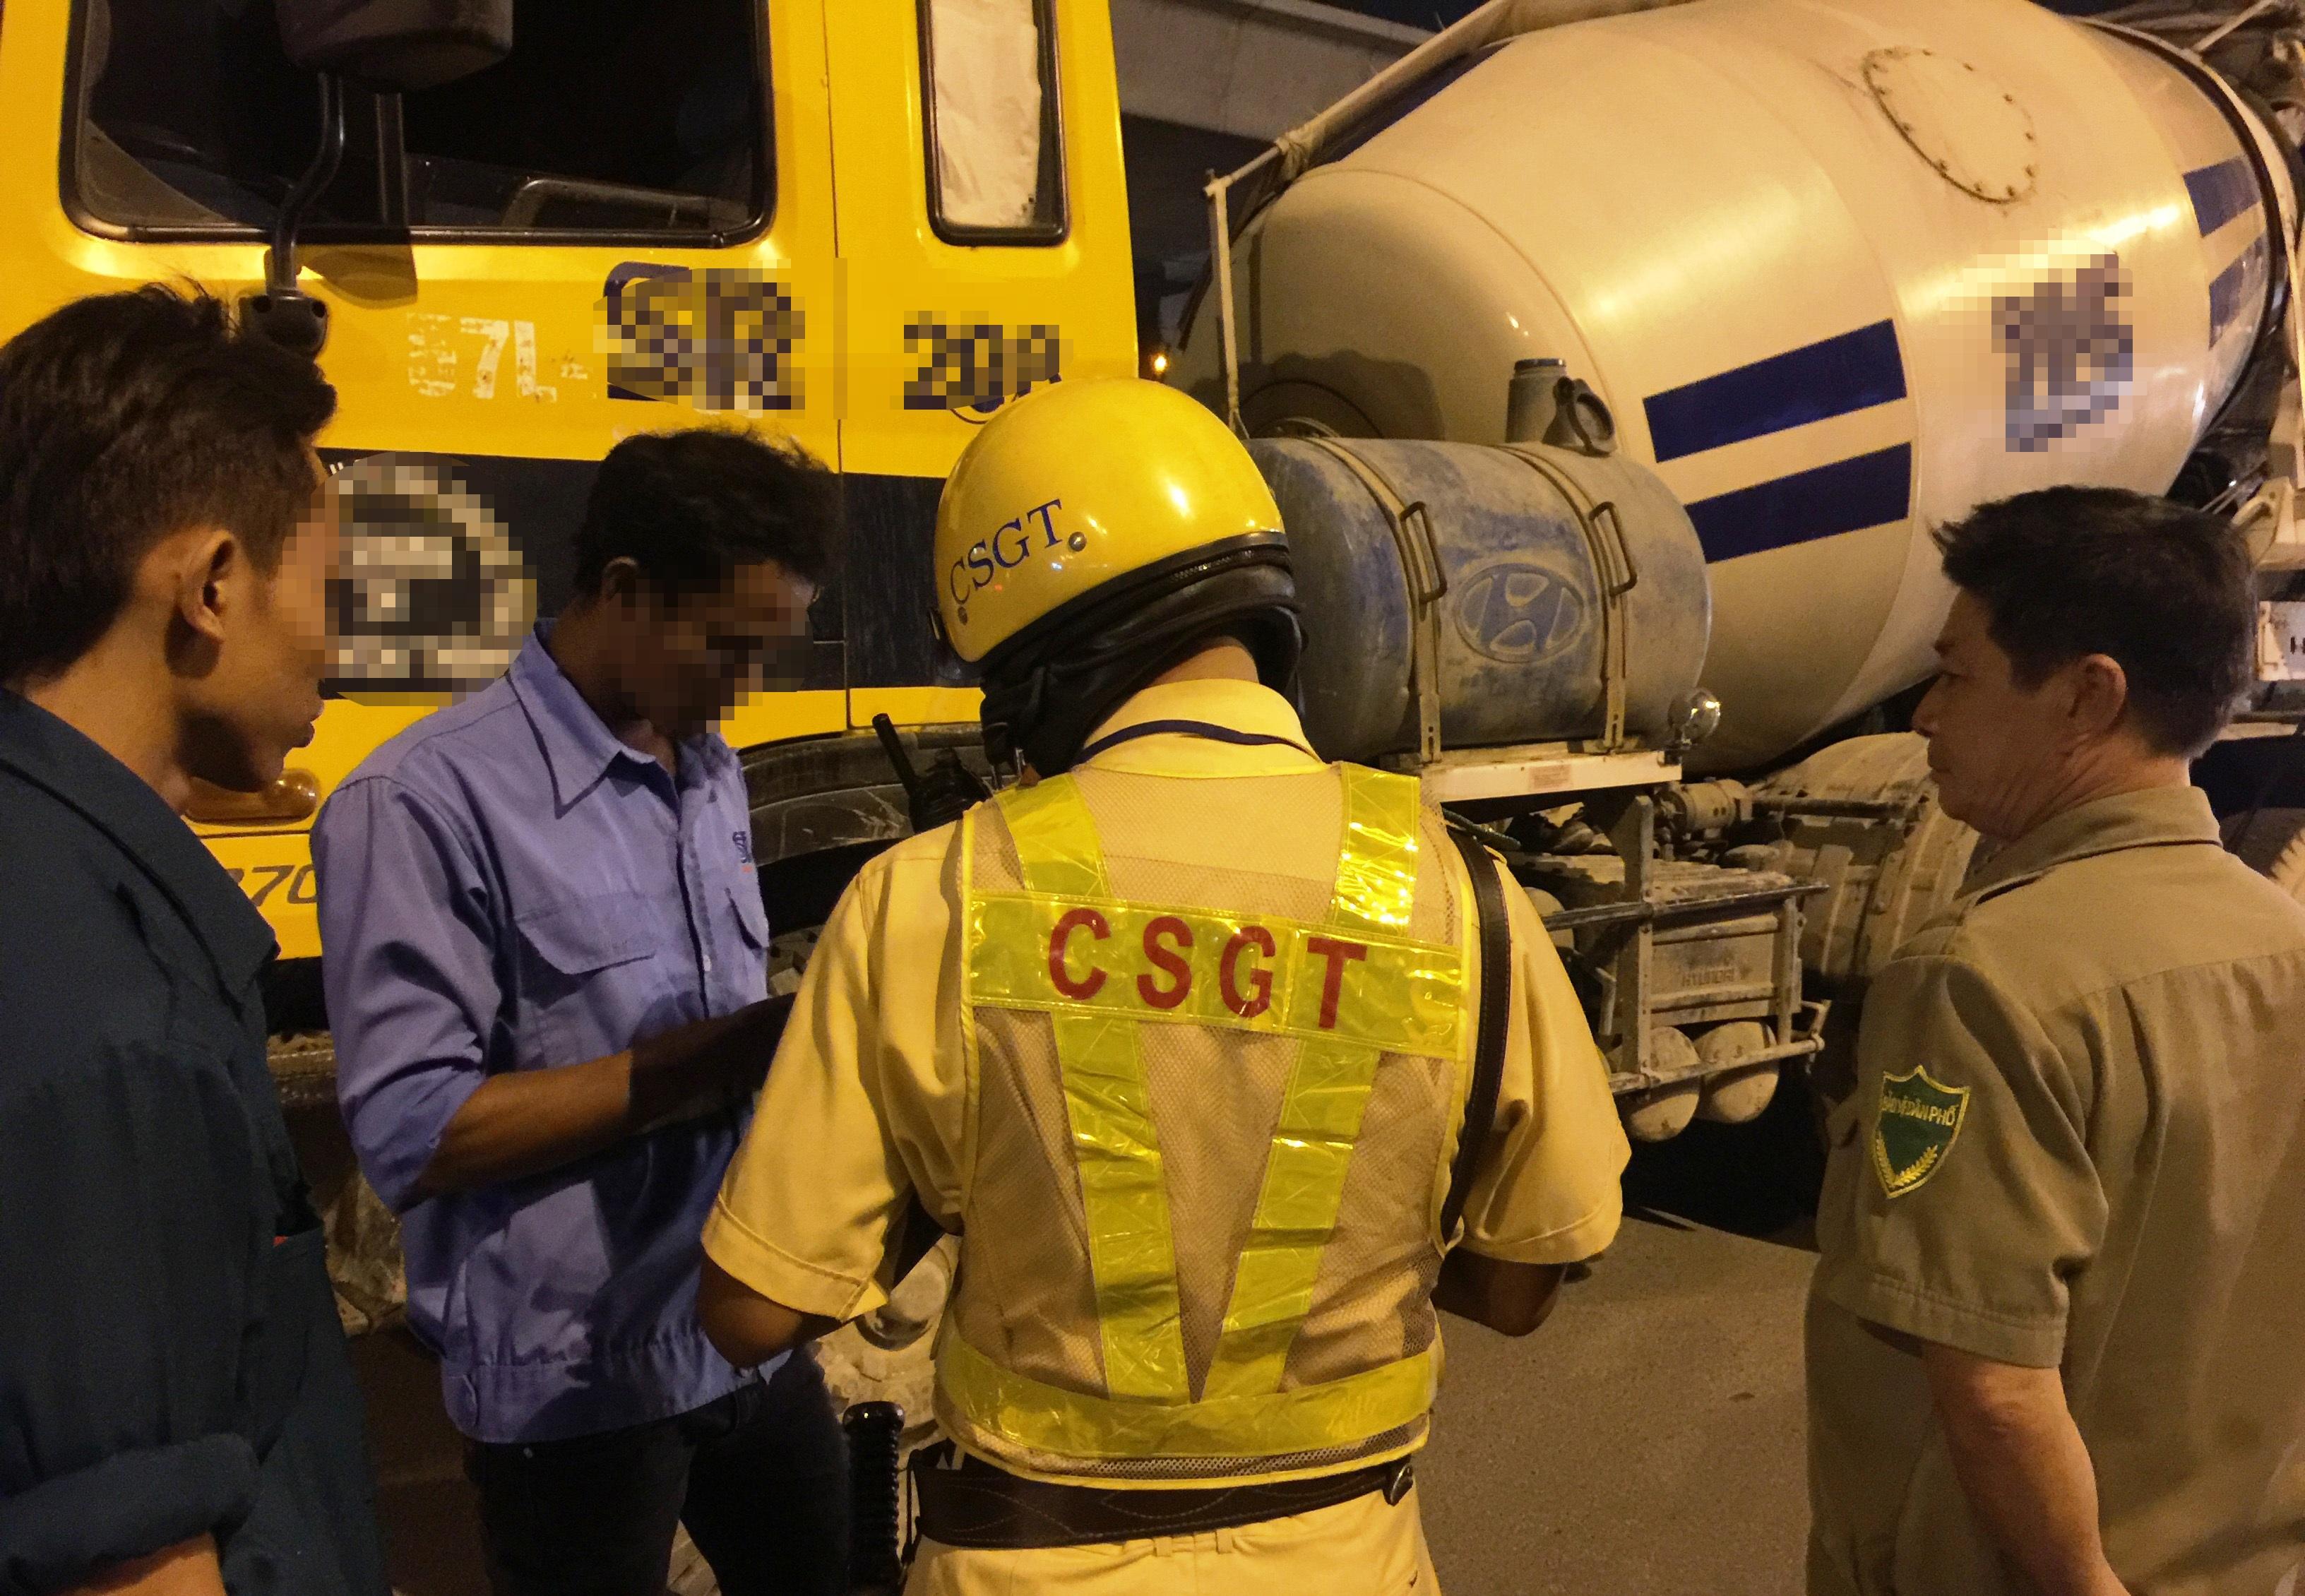 Tài xế Ngô T. L. (áo xanh, đứng giữa) điều khiển xe bồn chở đầy bê tông nhưng trong hơi thở có nồng độ cồn lên đến 0,297 miligam/lit khí thở.